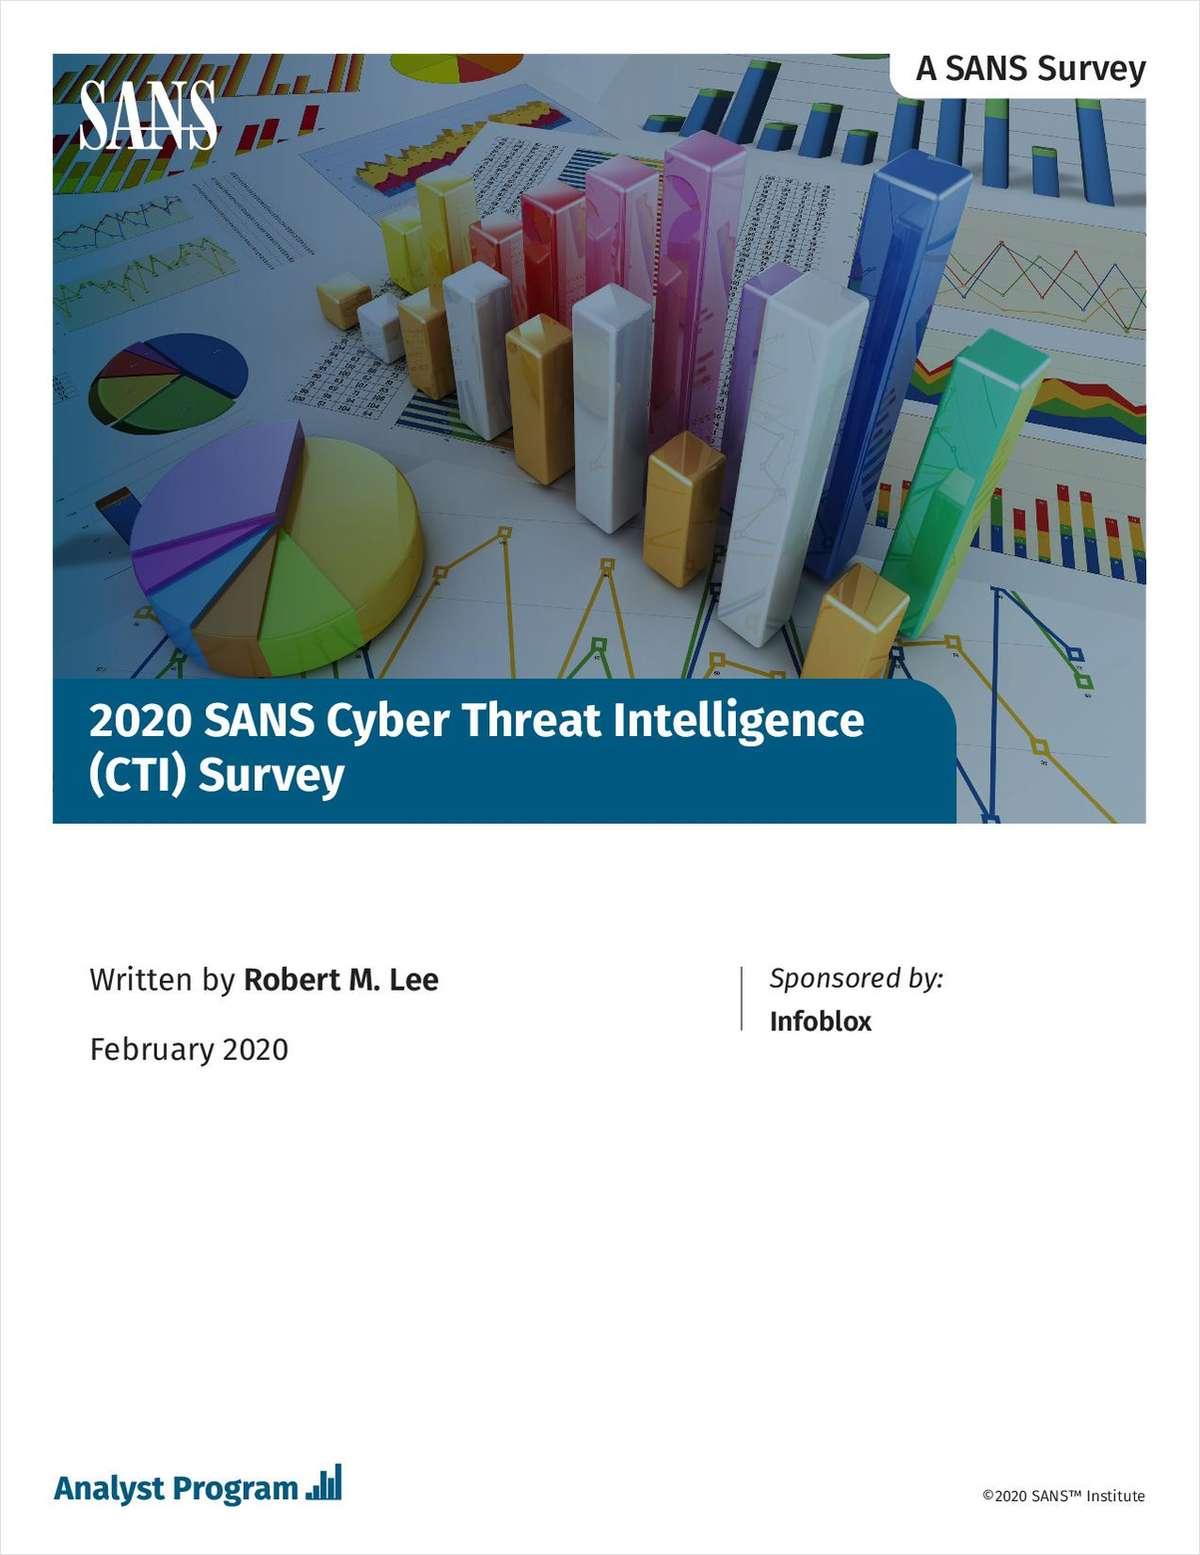 2020 SANS Cyber Threat Intelligence Survey